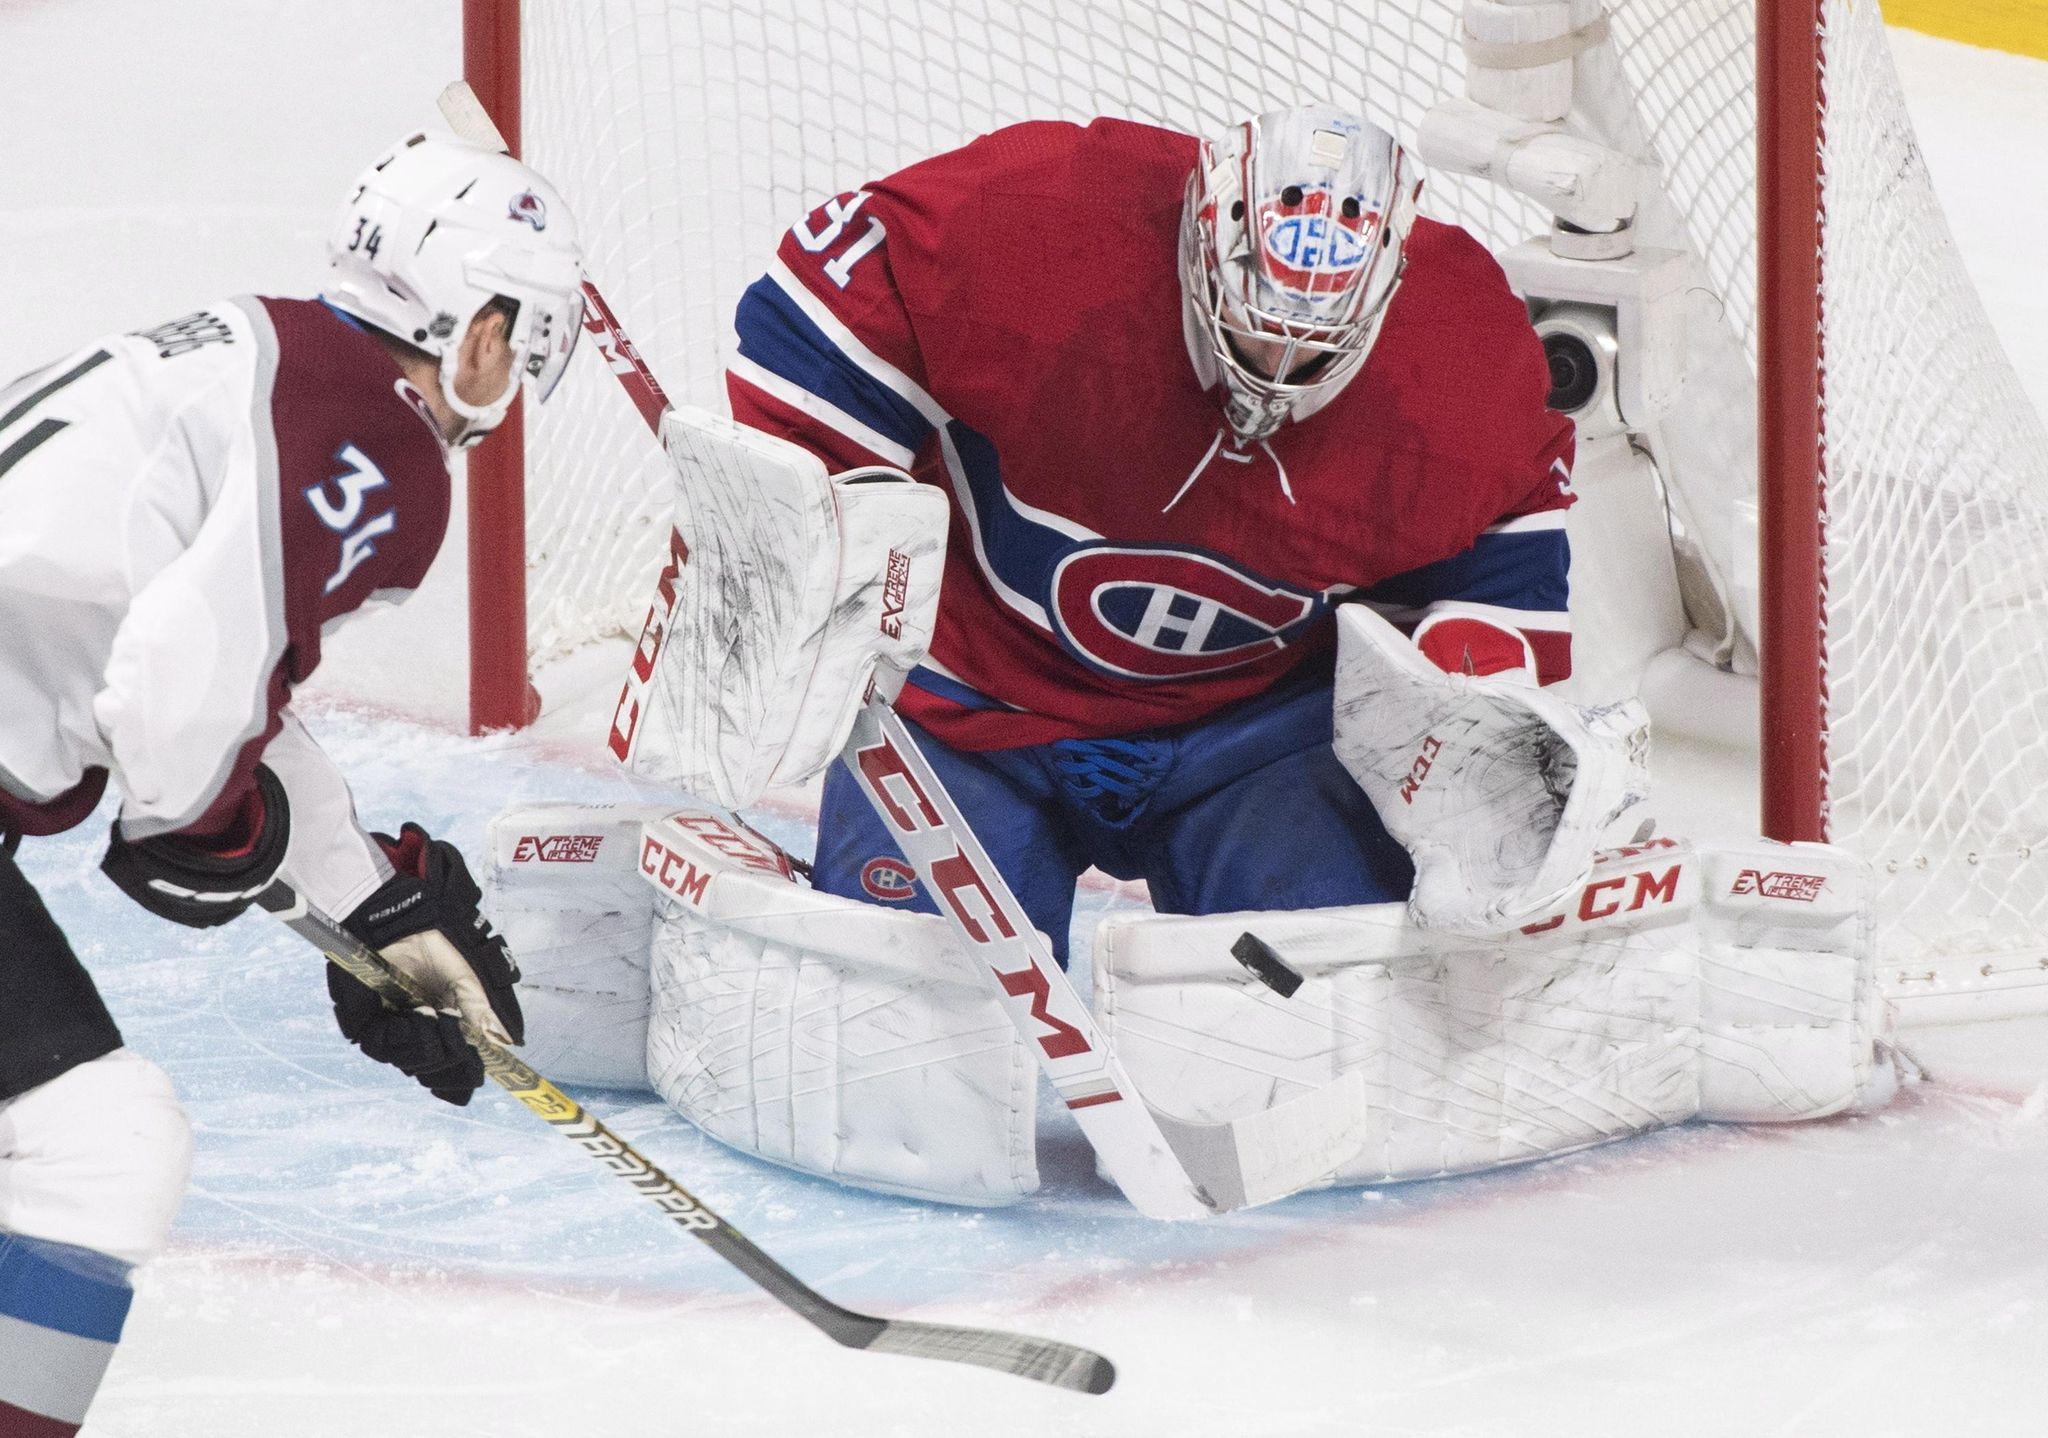 Avalanche_canadiens_hockey_93480_s2048x1438